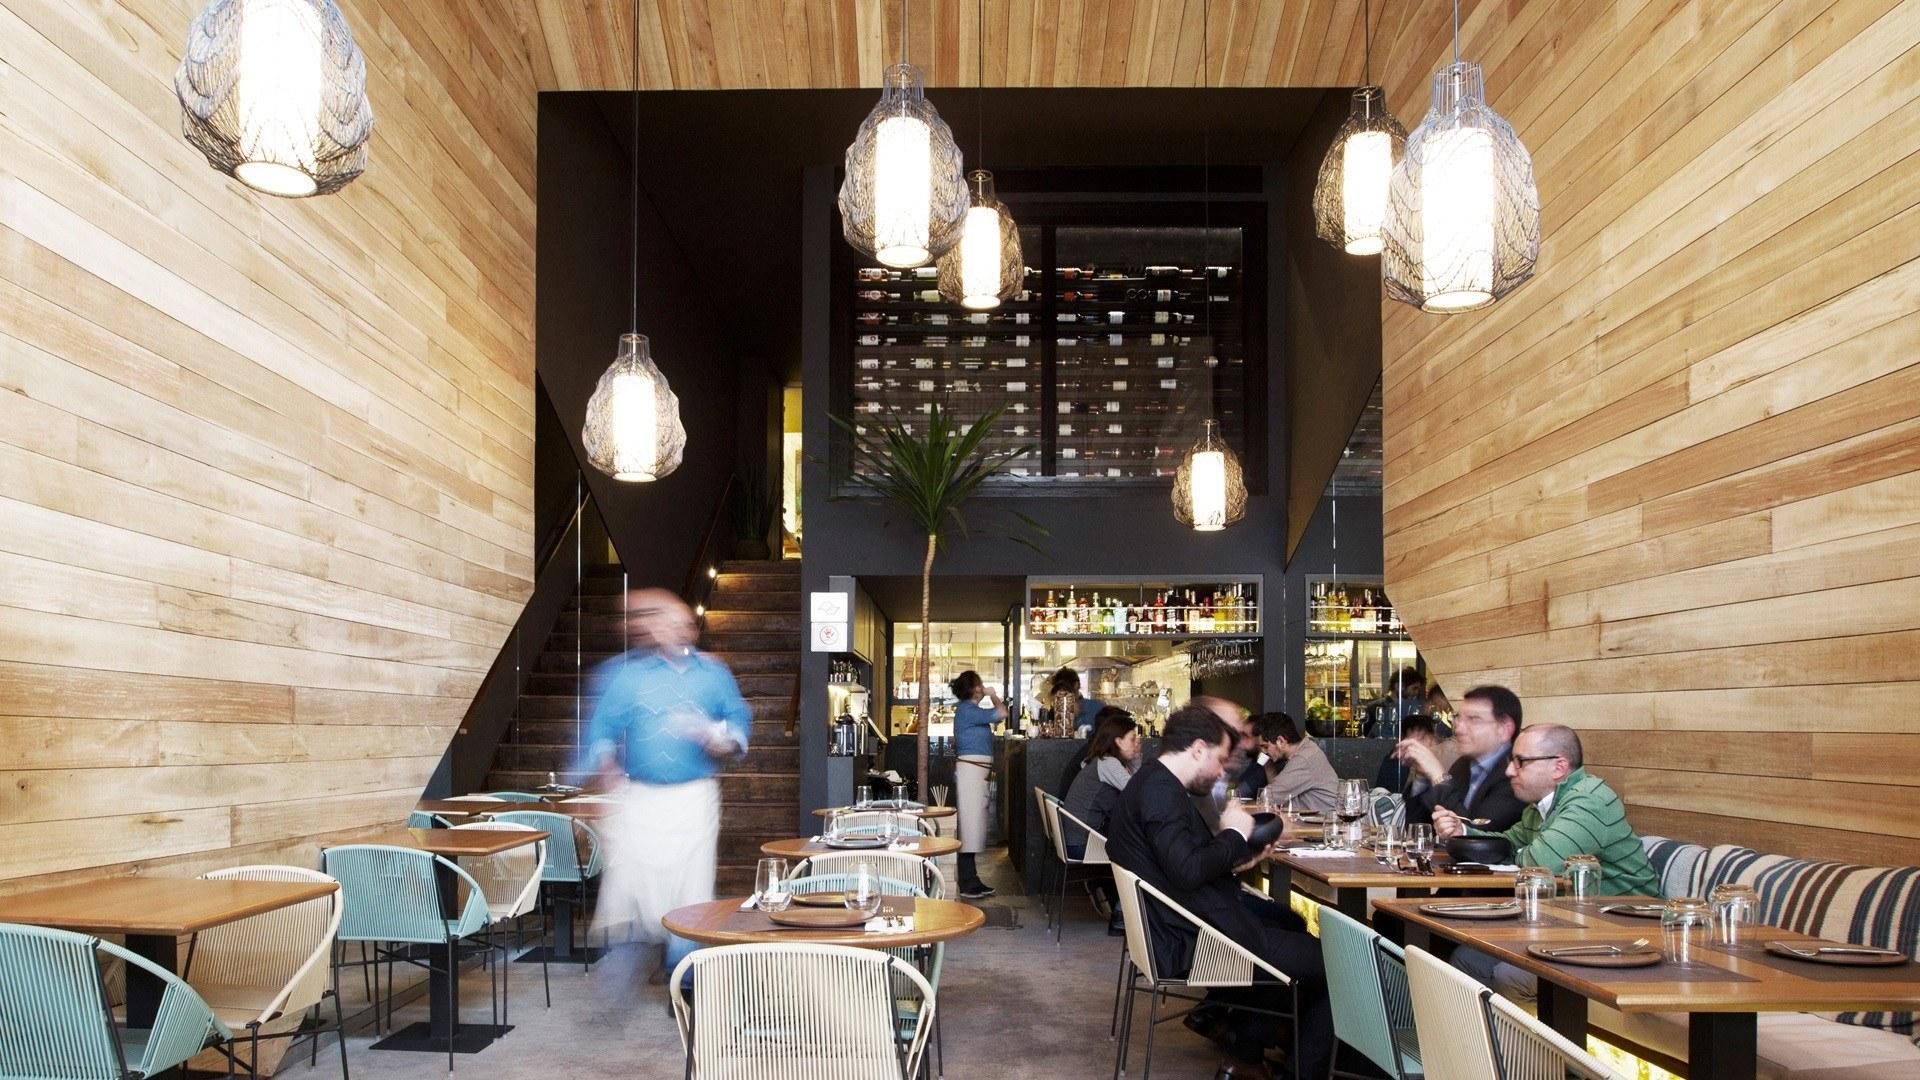 9.restaurante-tanit-interna-diurna-13